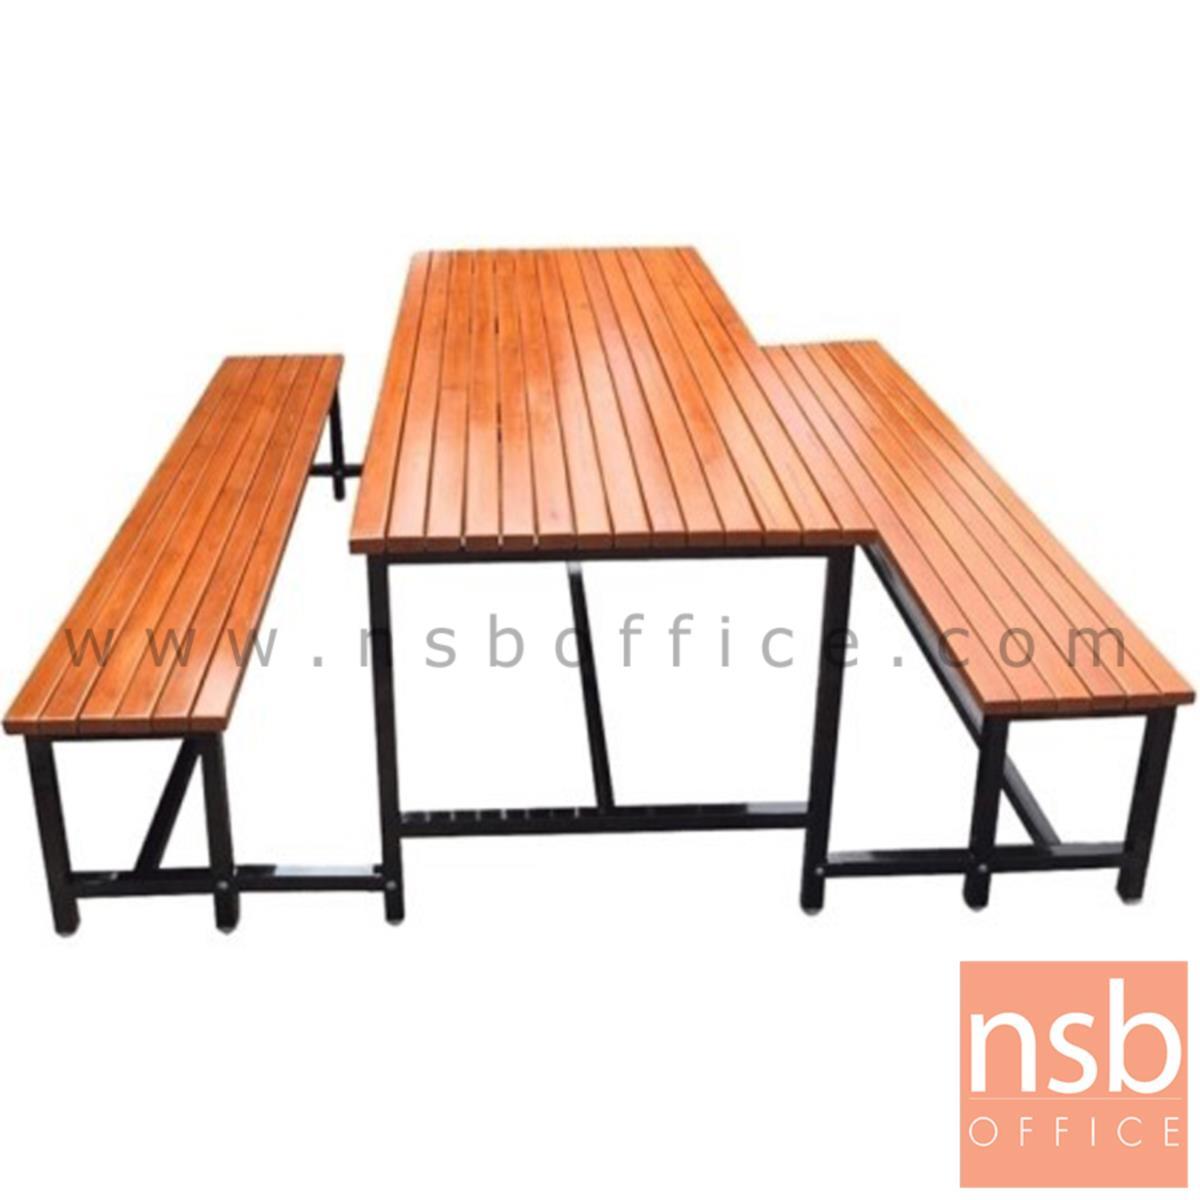 A17A077:โต๊ะโรงอาหารไม้สักตีระแนง รุ่น OHIO (โอไฮโอ) ขนาด 180W cm. ขาเหล็กเชื่อมติดกัน